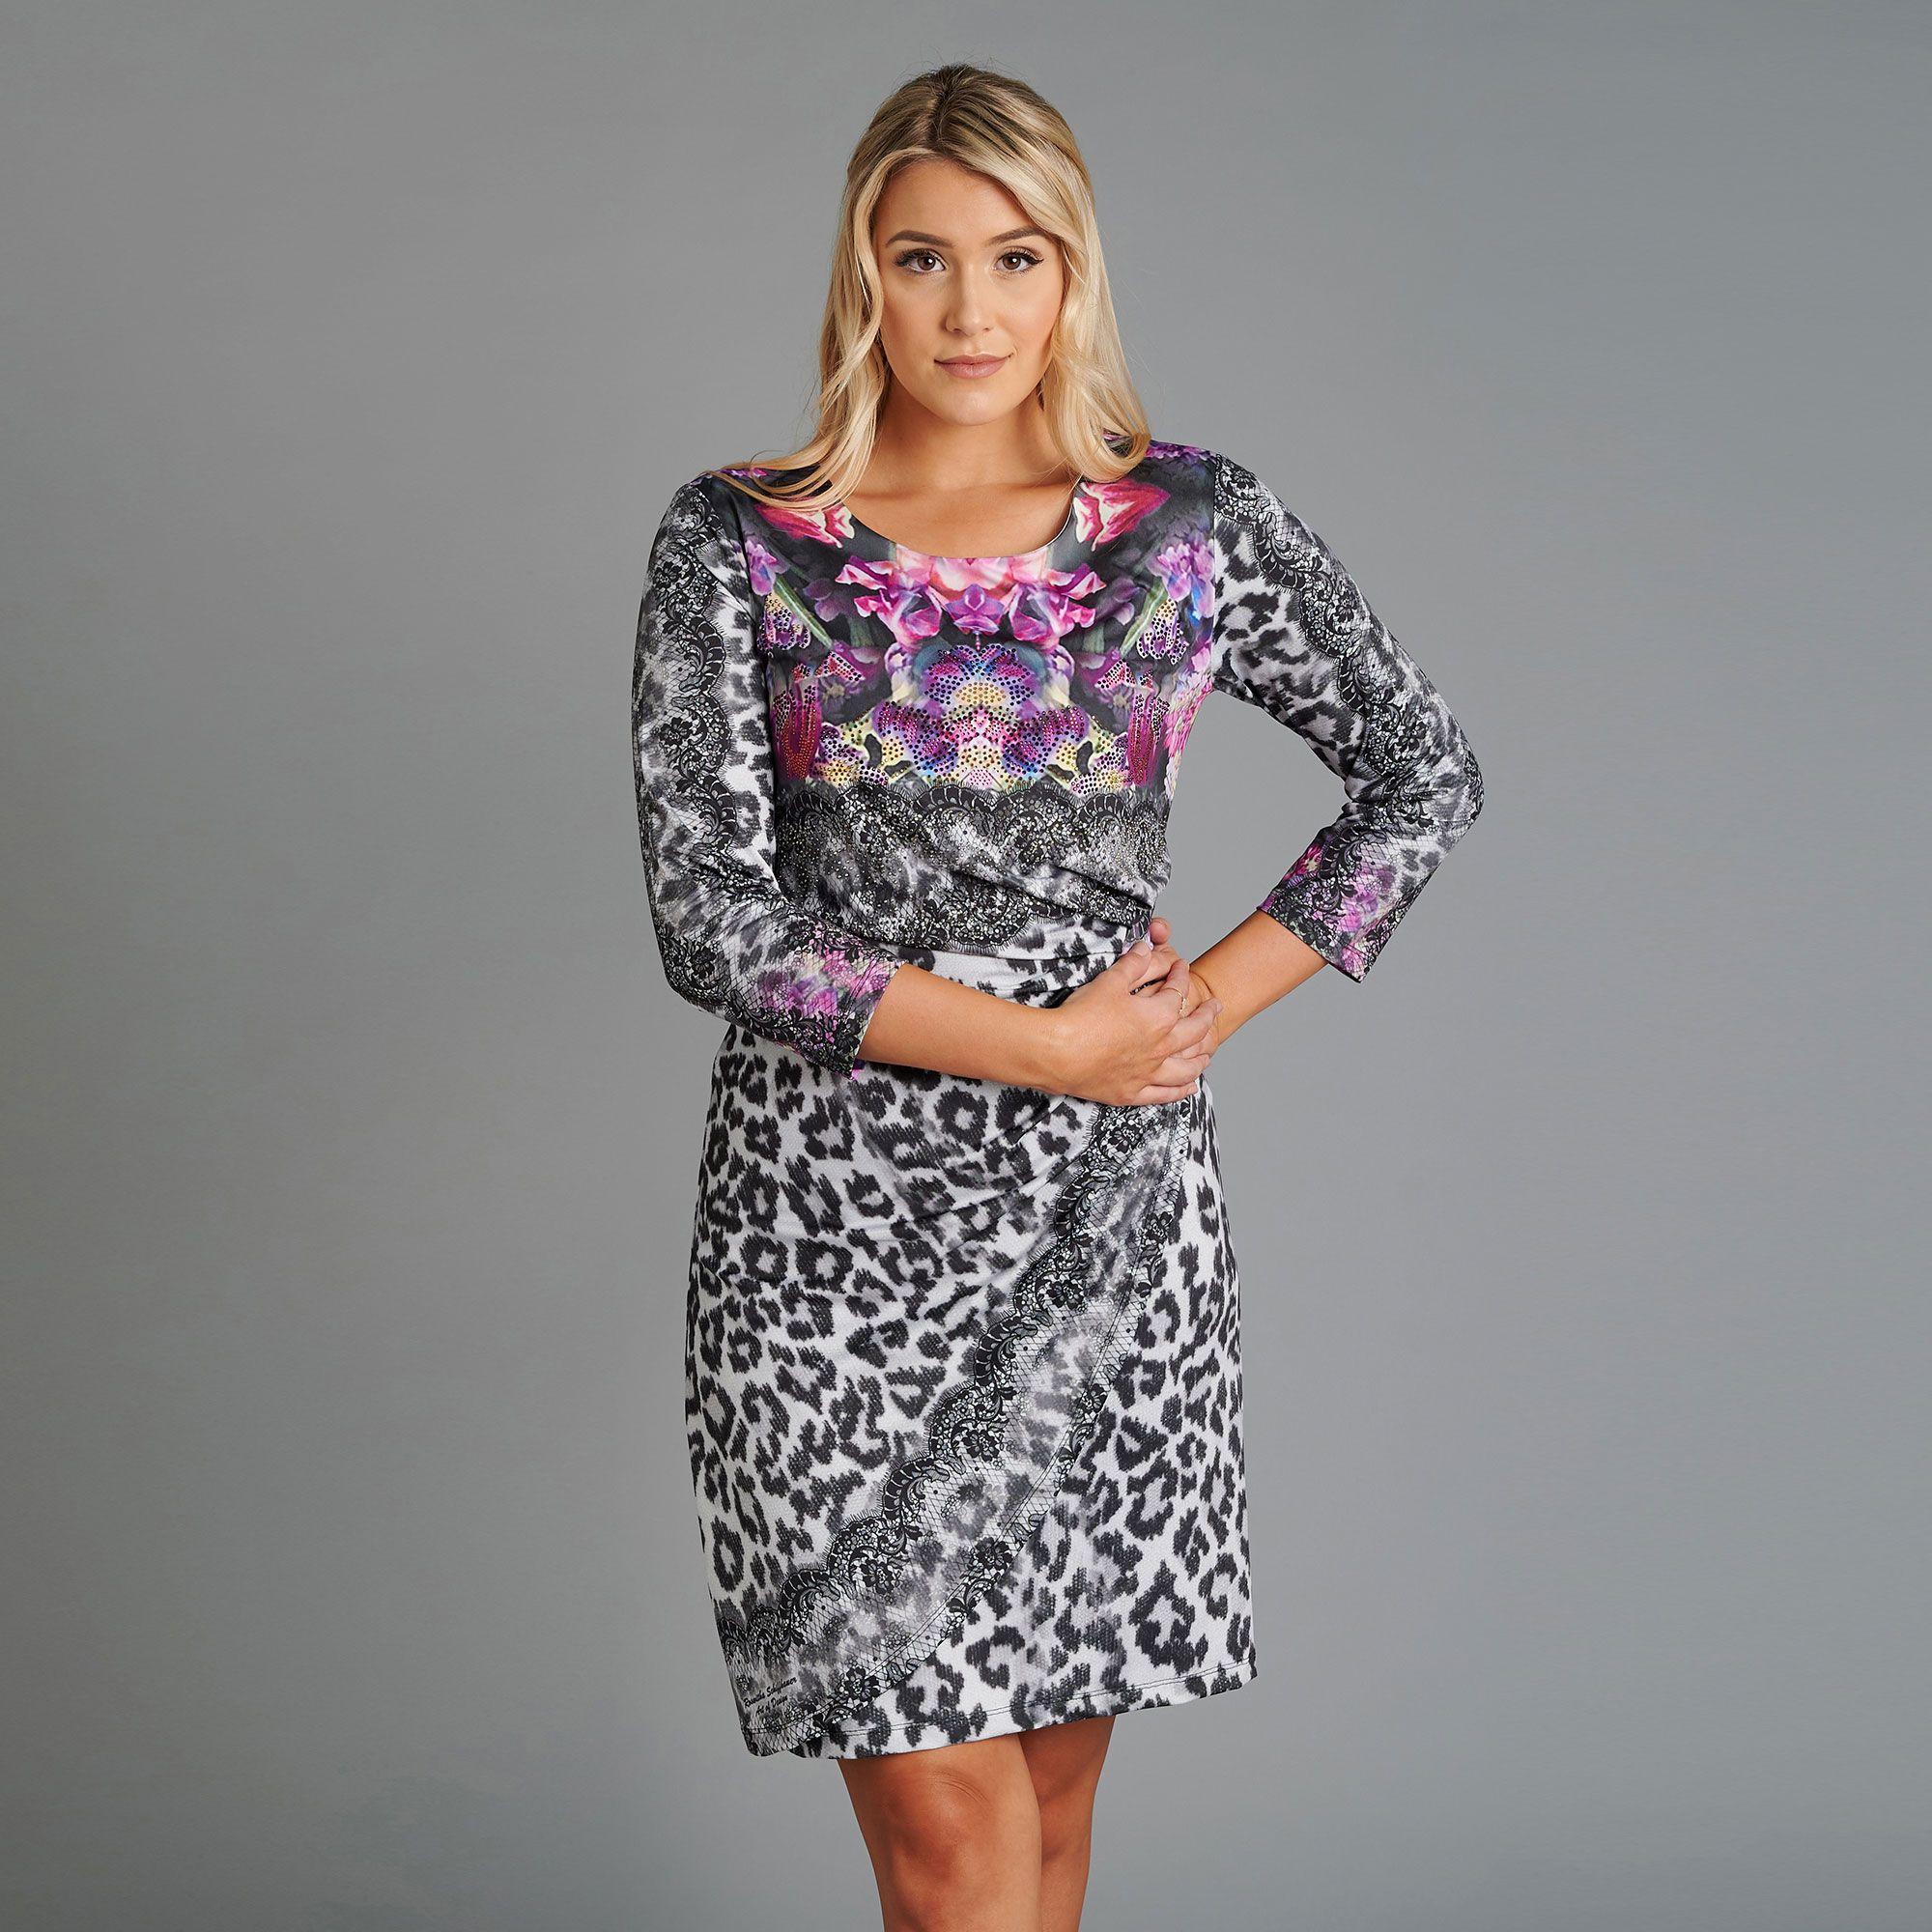 SCHIFFHAUER MUNICH® Kleid, 11/11-Arm Wild Elegance Wickel-Optik  Strasssteinbesatz - QVC.de